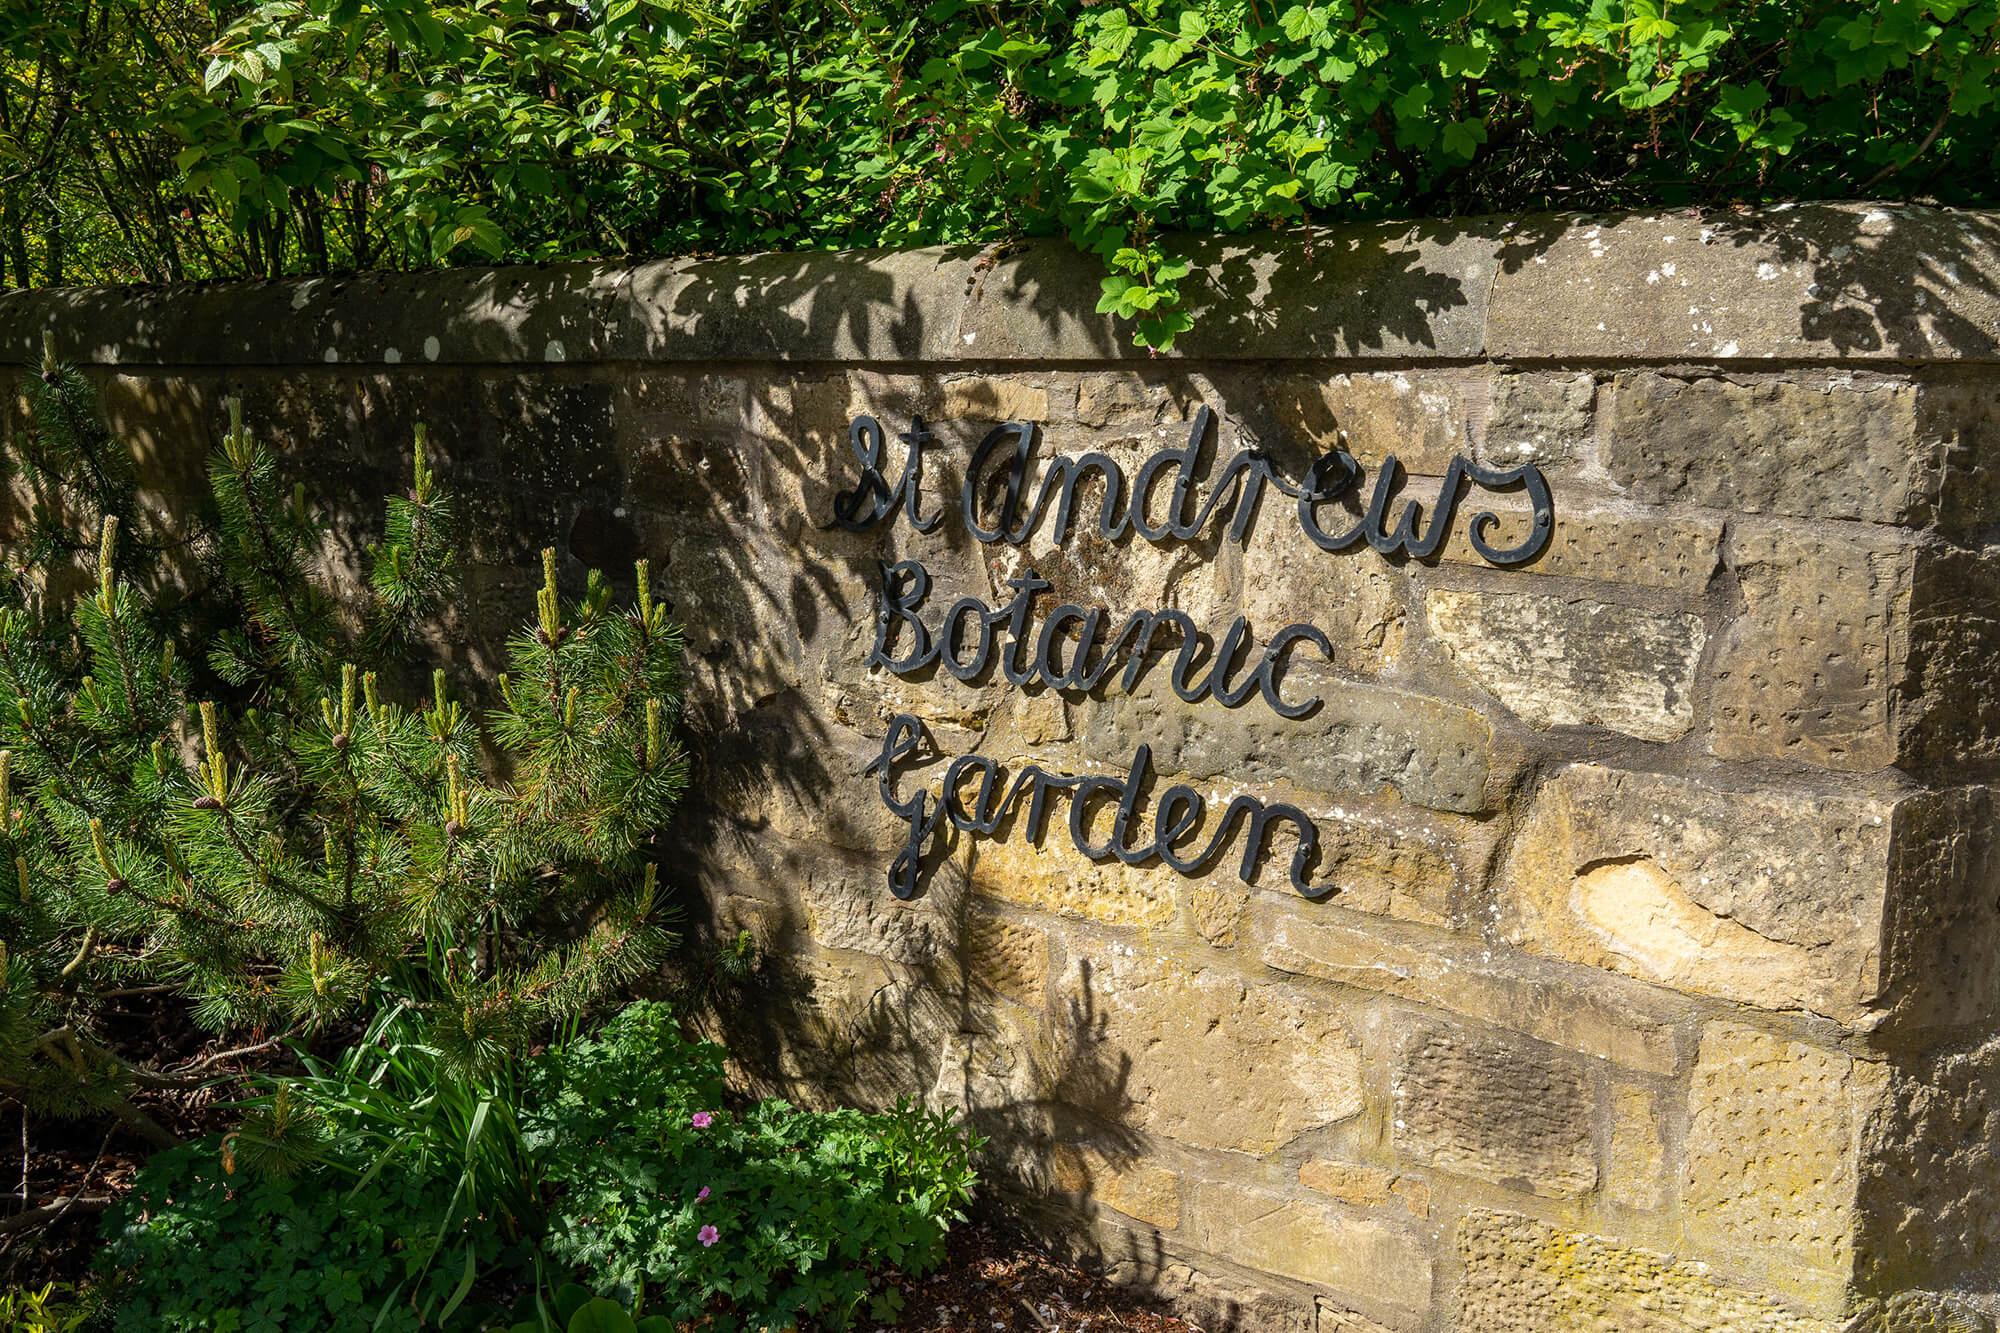 St Andrews Botanic Gardens